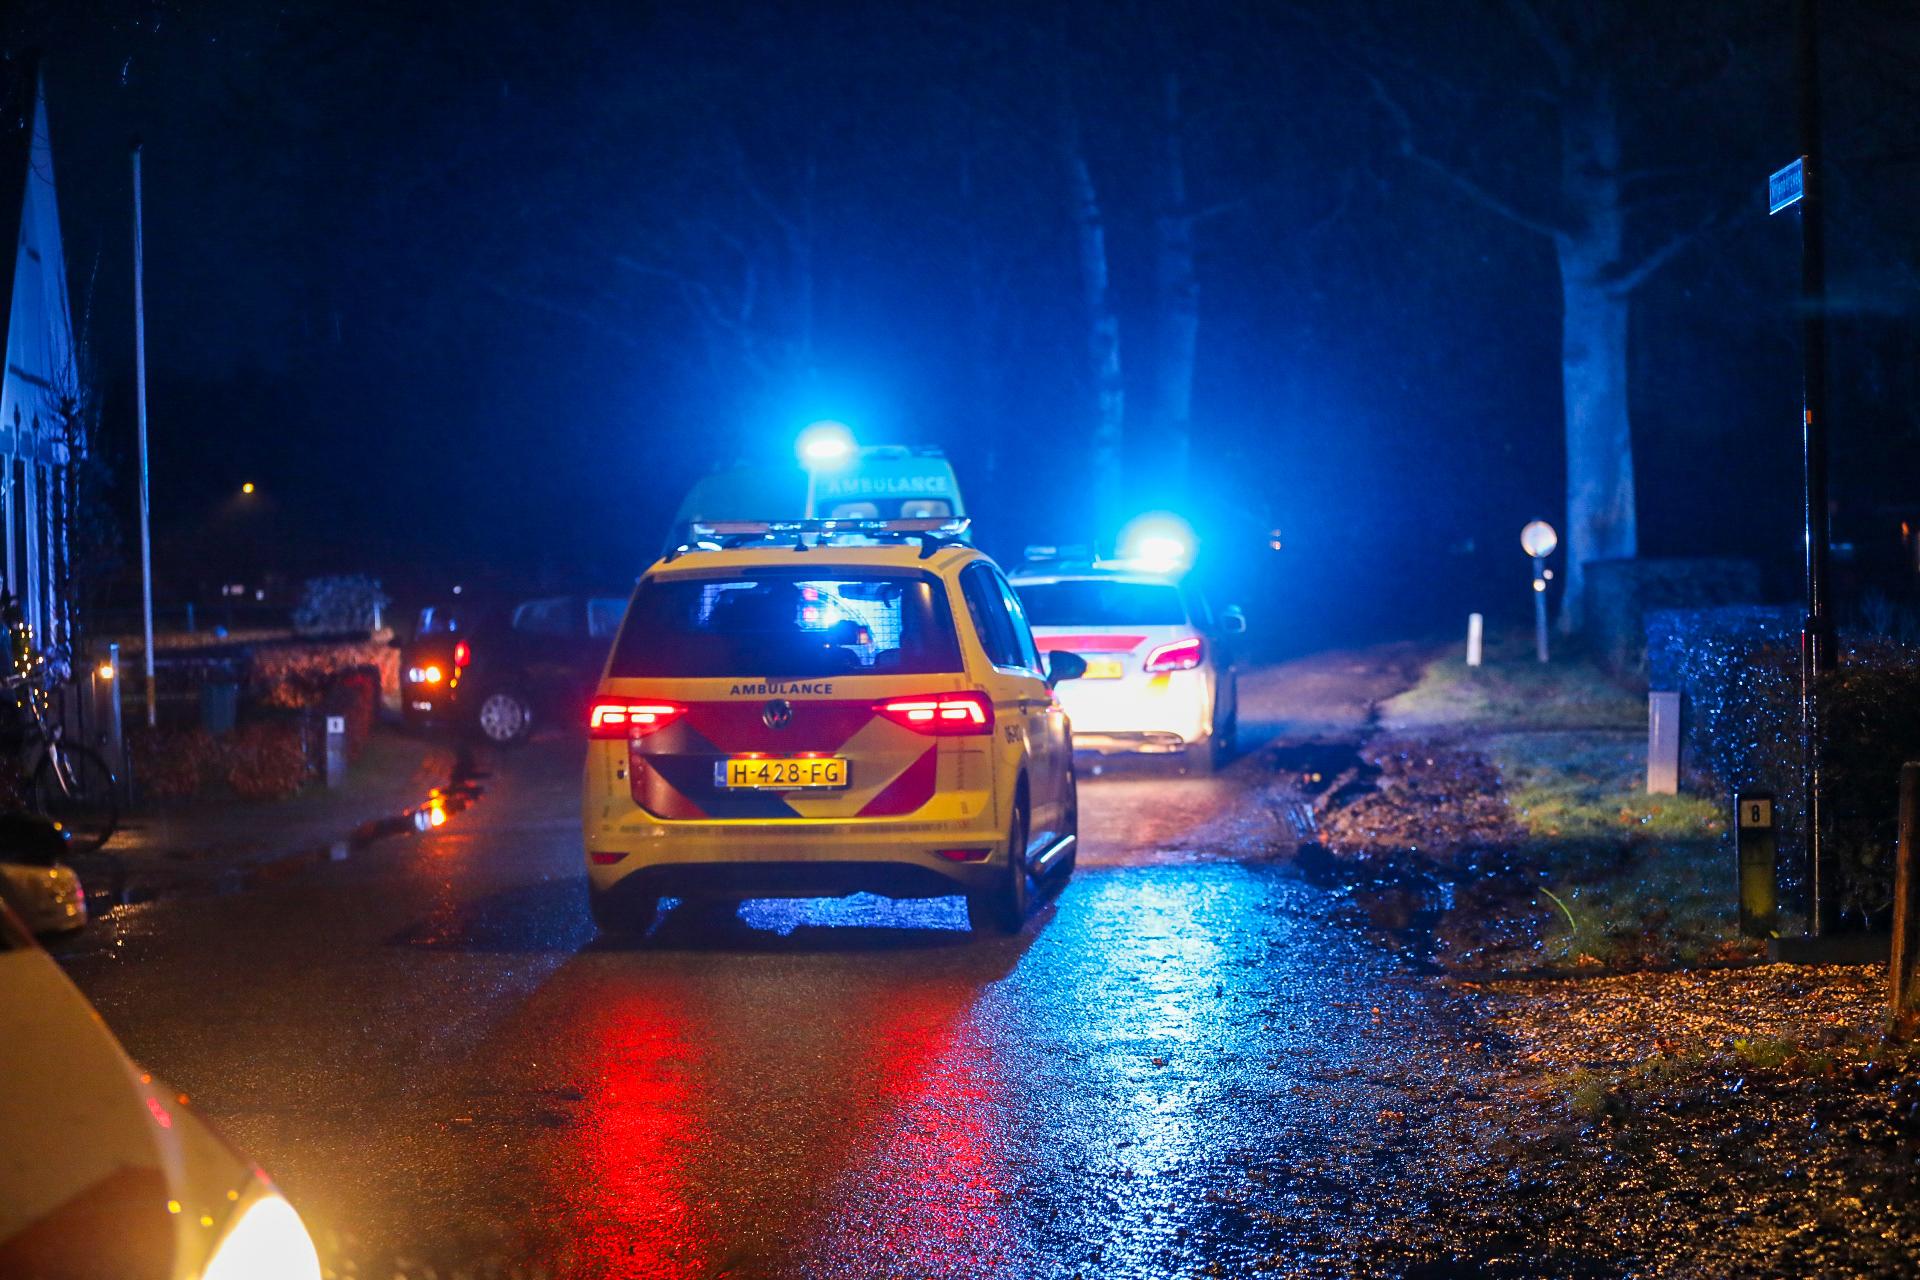 Ernstig incident bij manege in Loenen; traumahelikopter opgeroepen